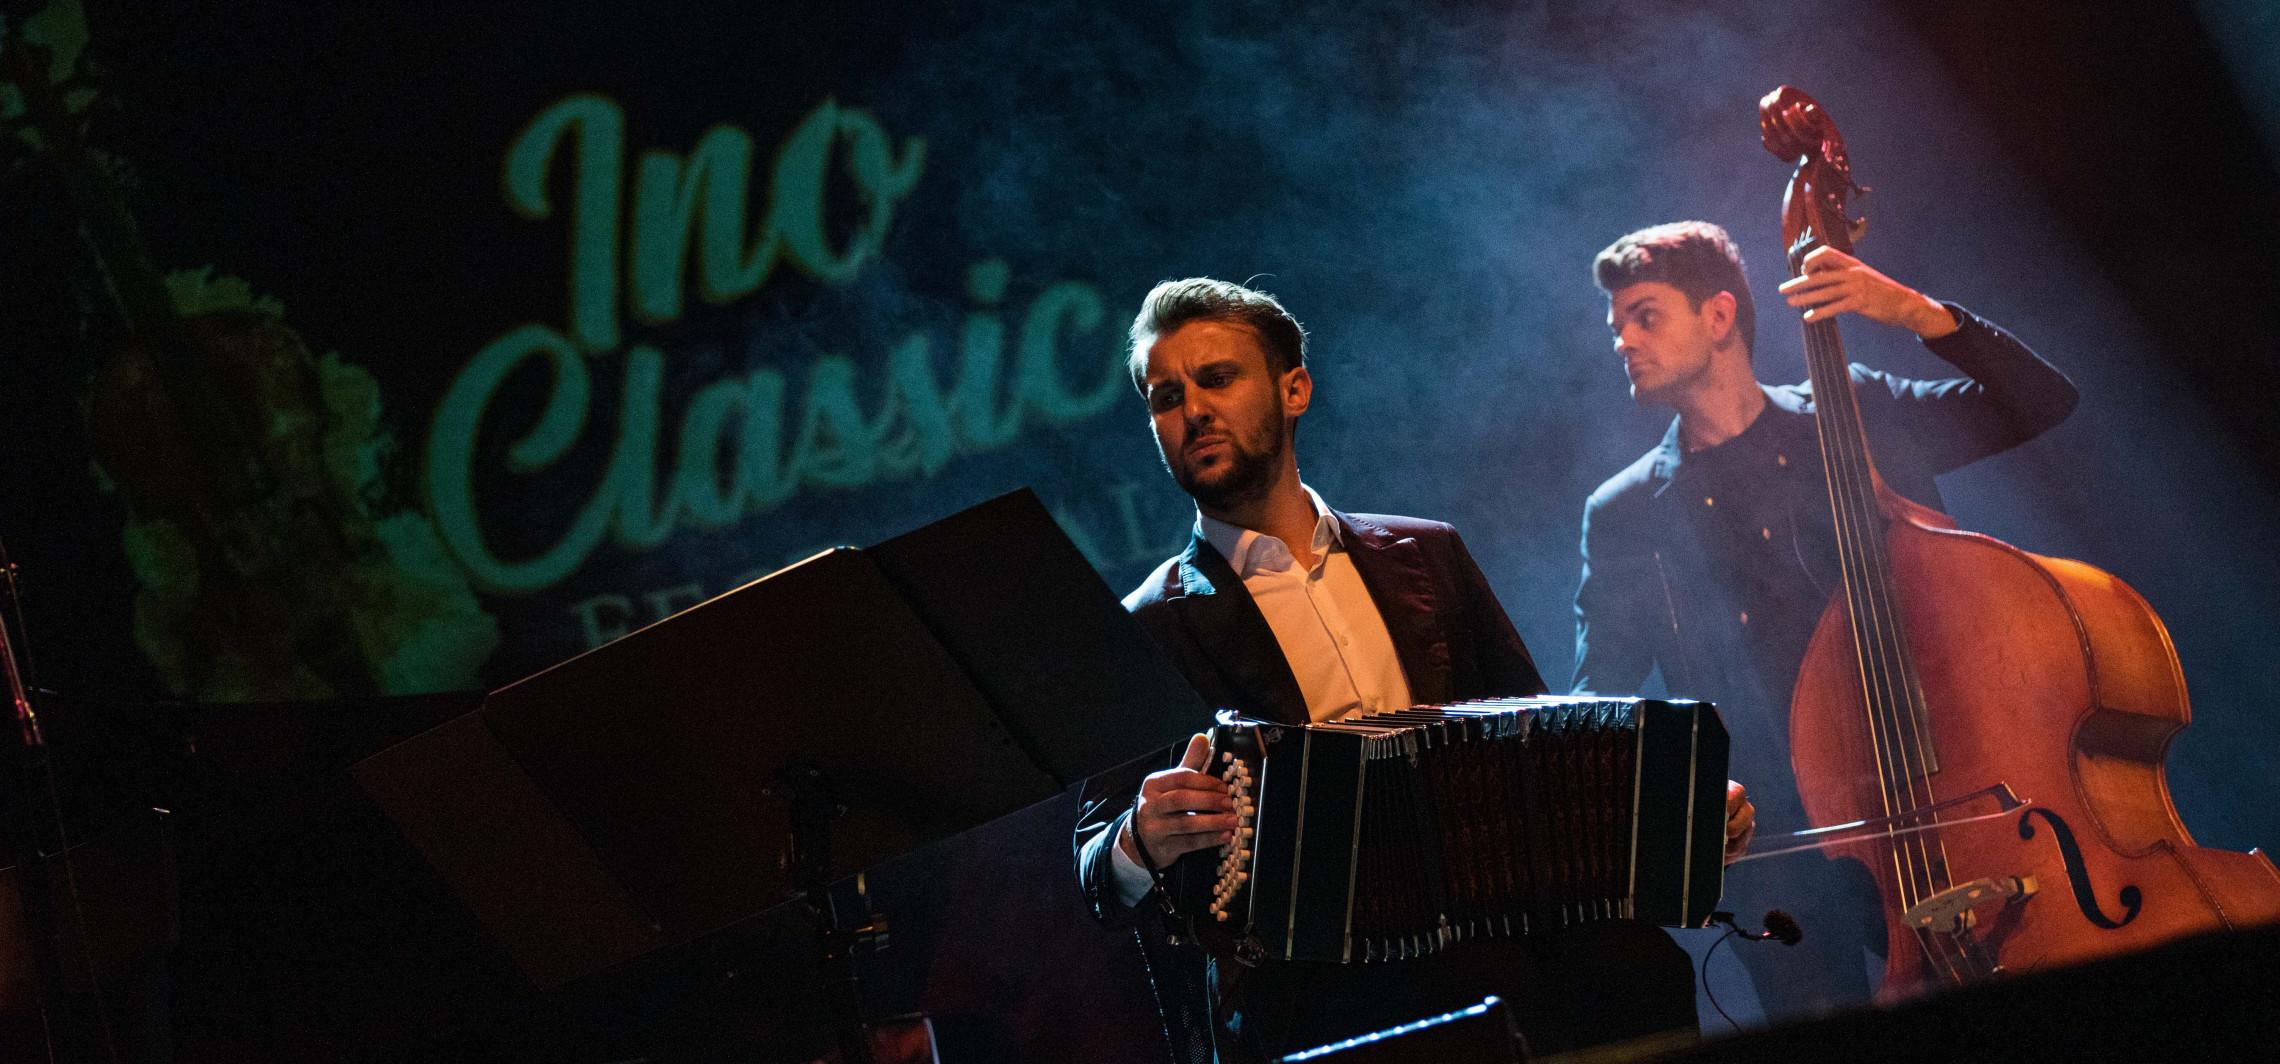 Inowrocław - Argentyńska odsłona Ino Classic Festiwal